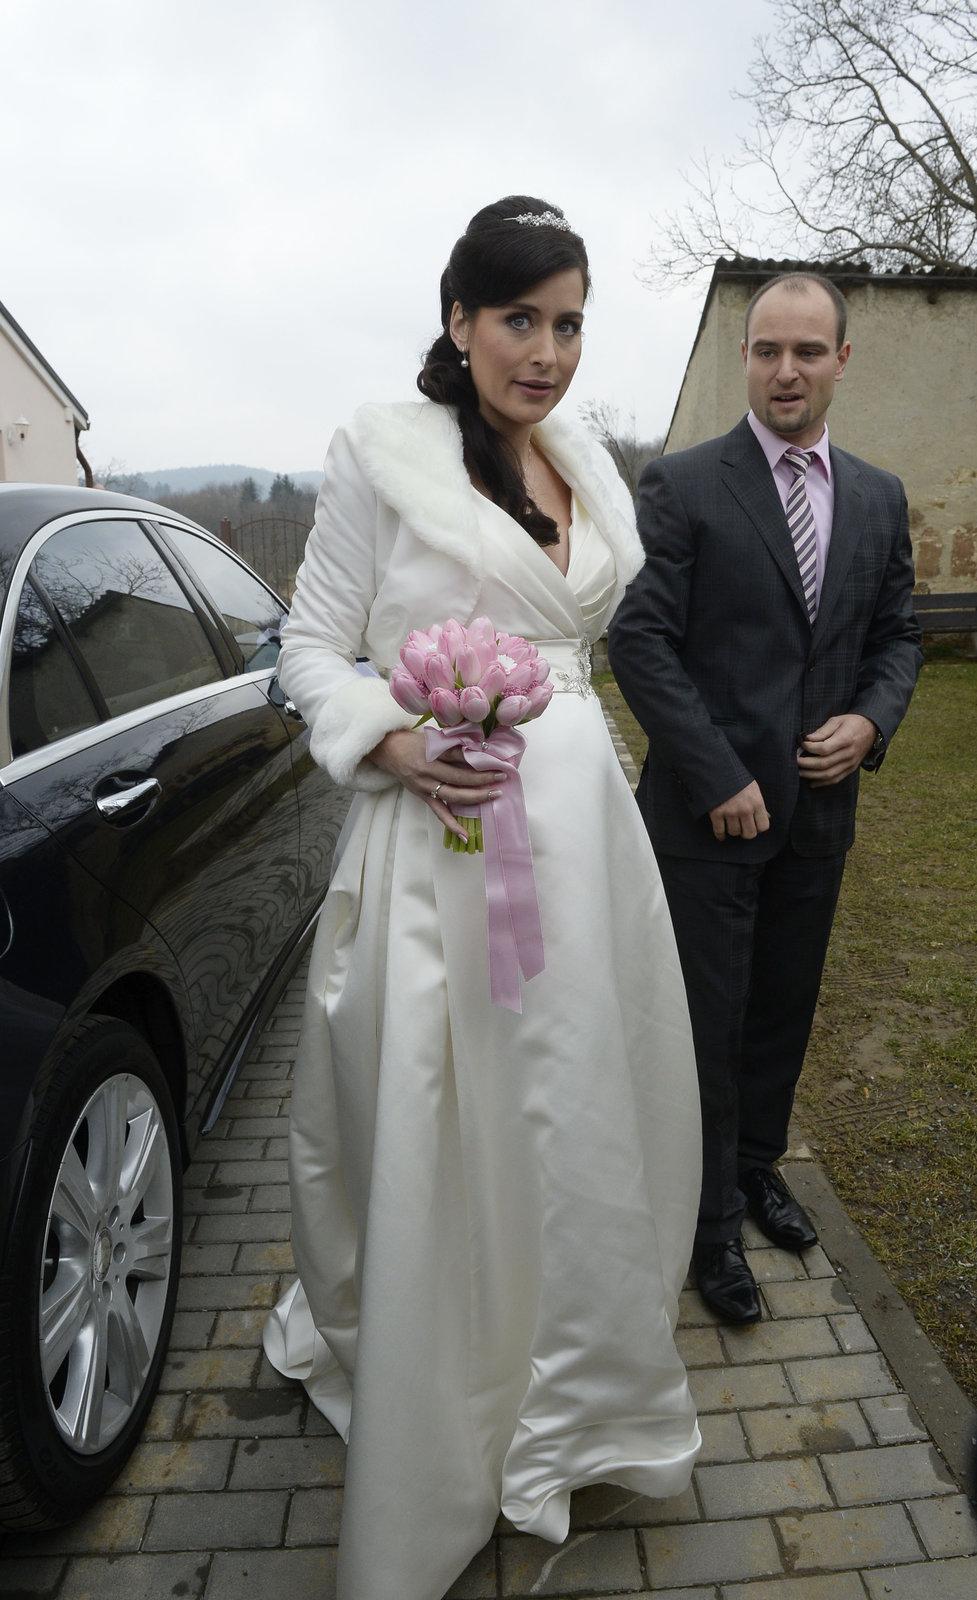 Svatba kancléře Mynáře s krásnou Alex: Nevěsta přijela mercedesem